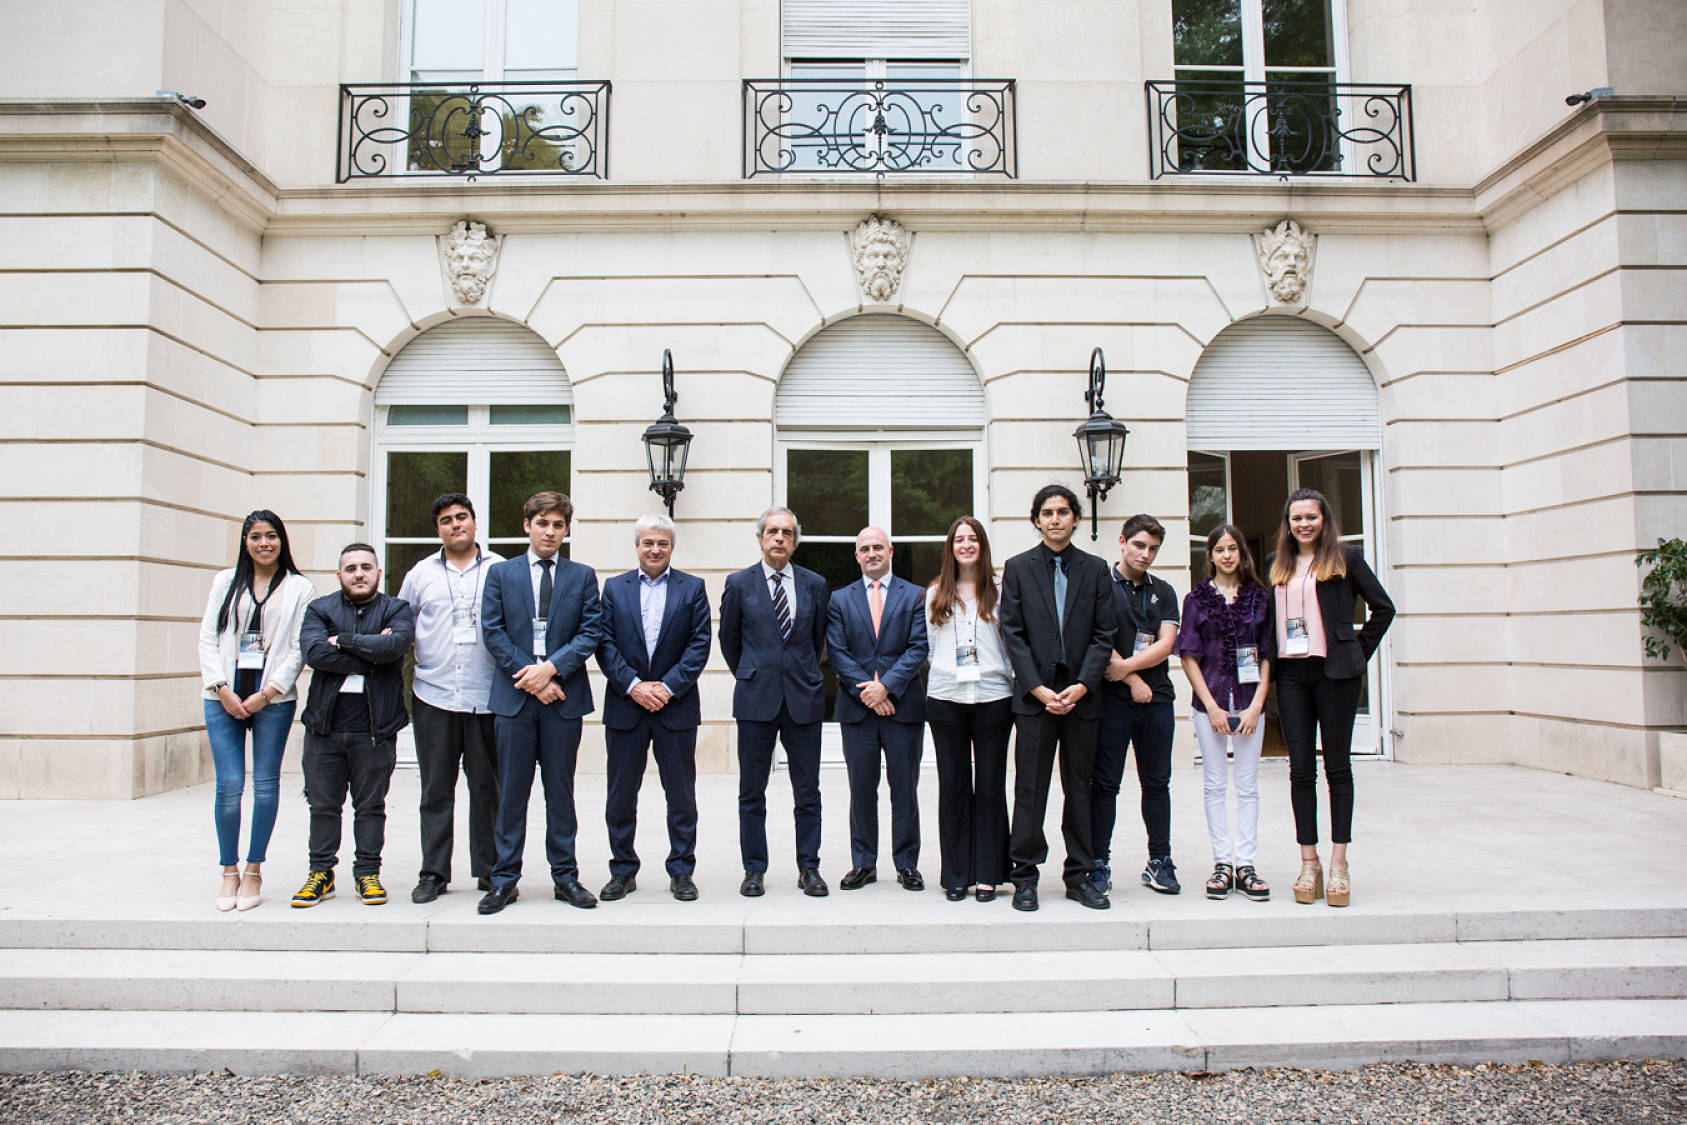 Embajada_España_MiPrmieraEmpresaBBVAFrances_opt